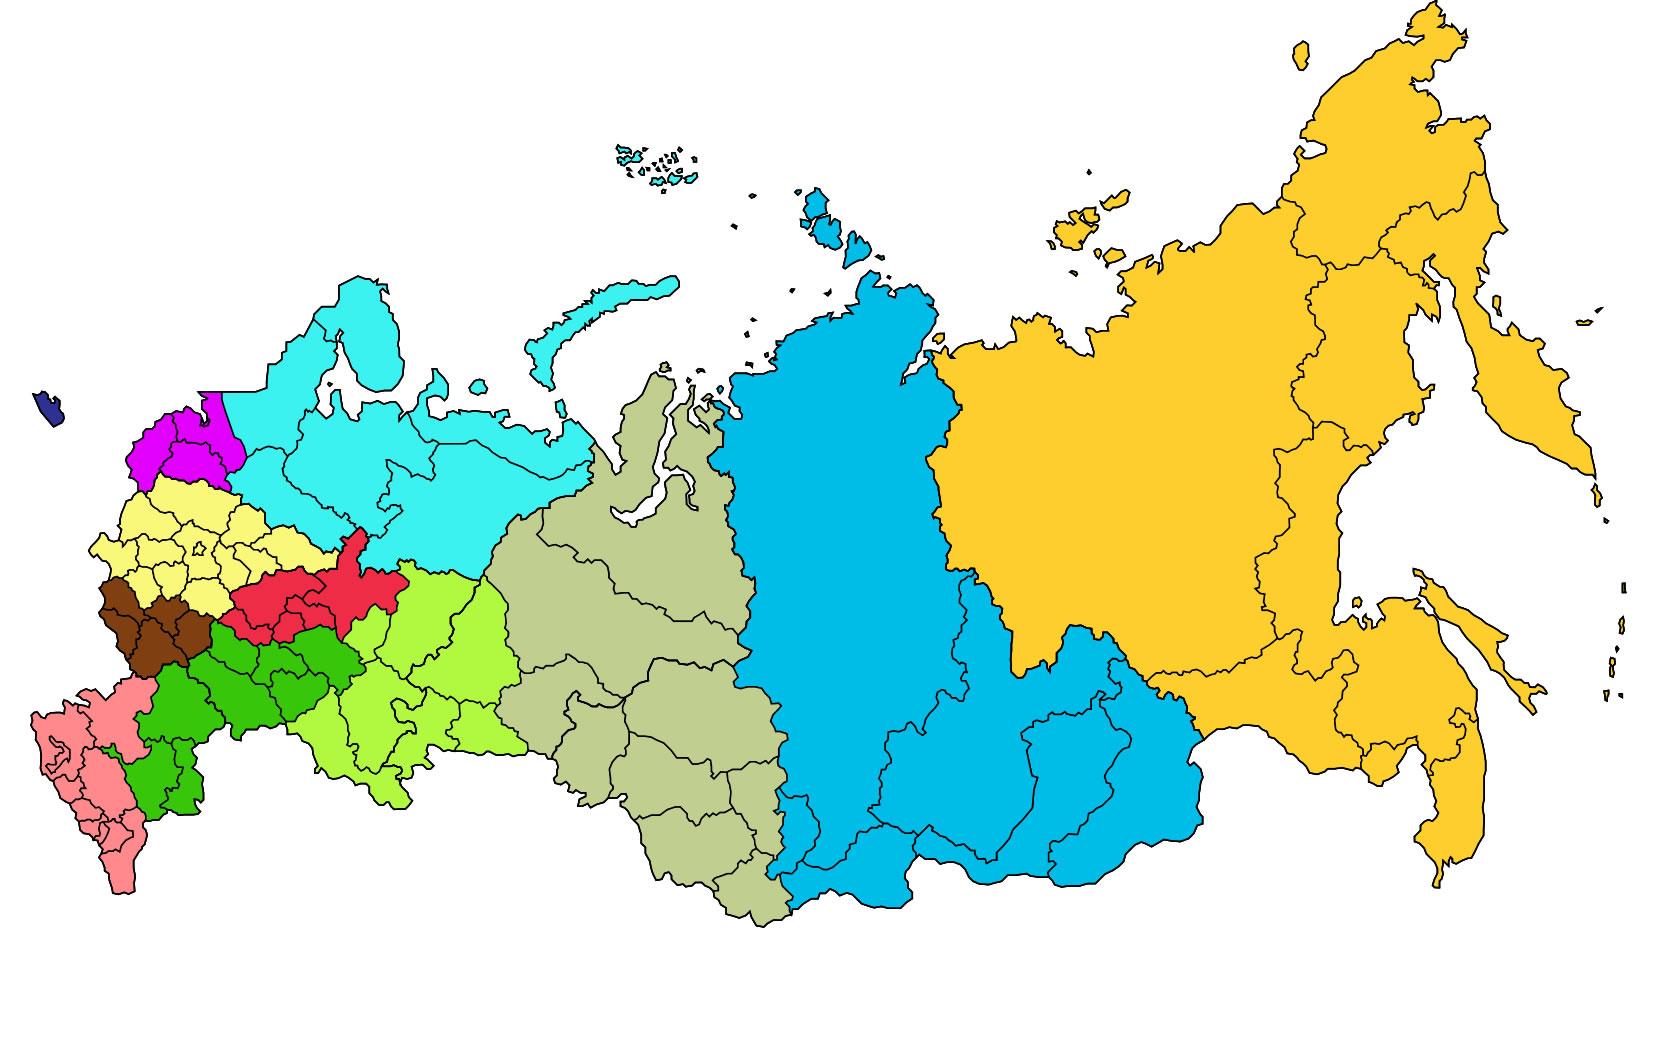 Carte du monde vierge en couleur